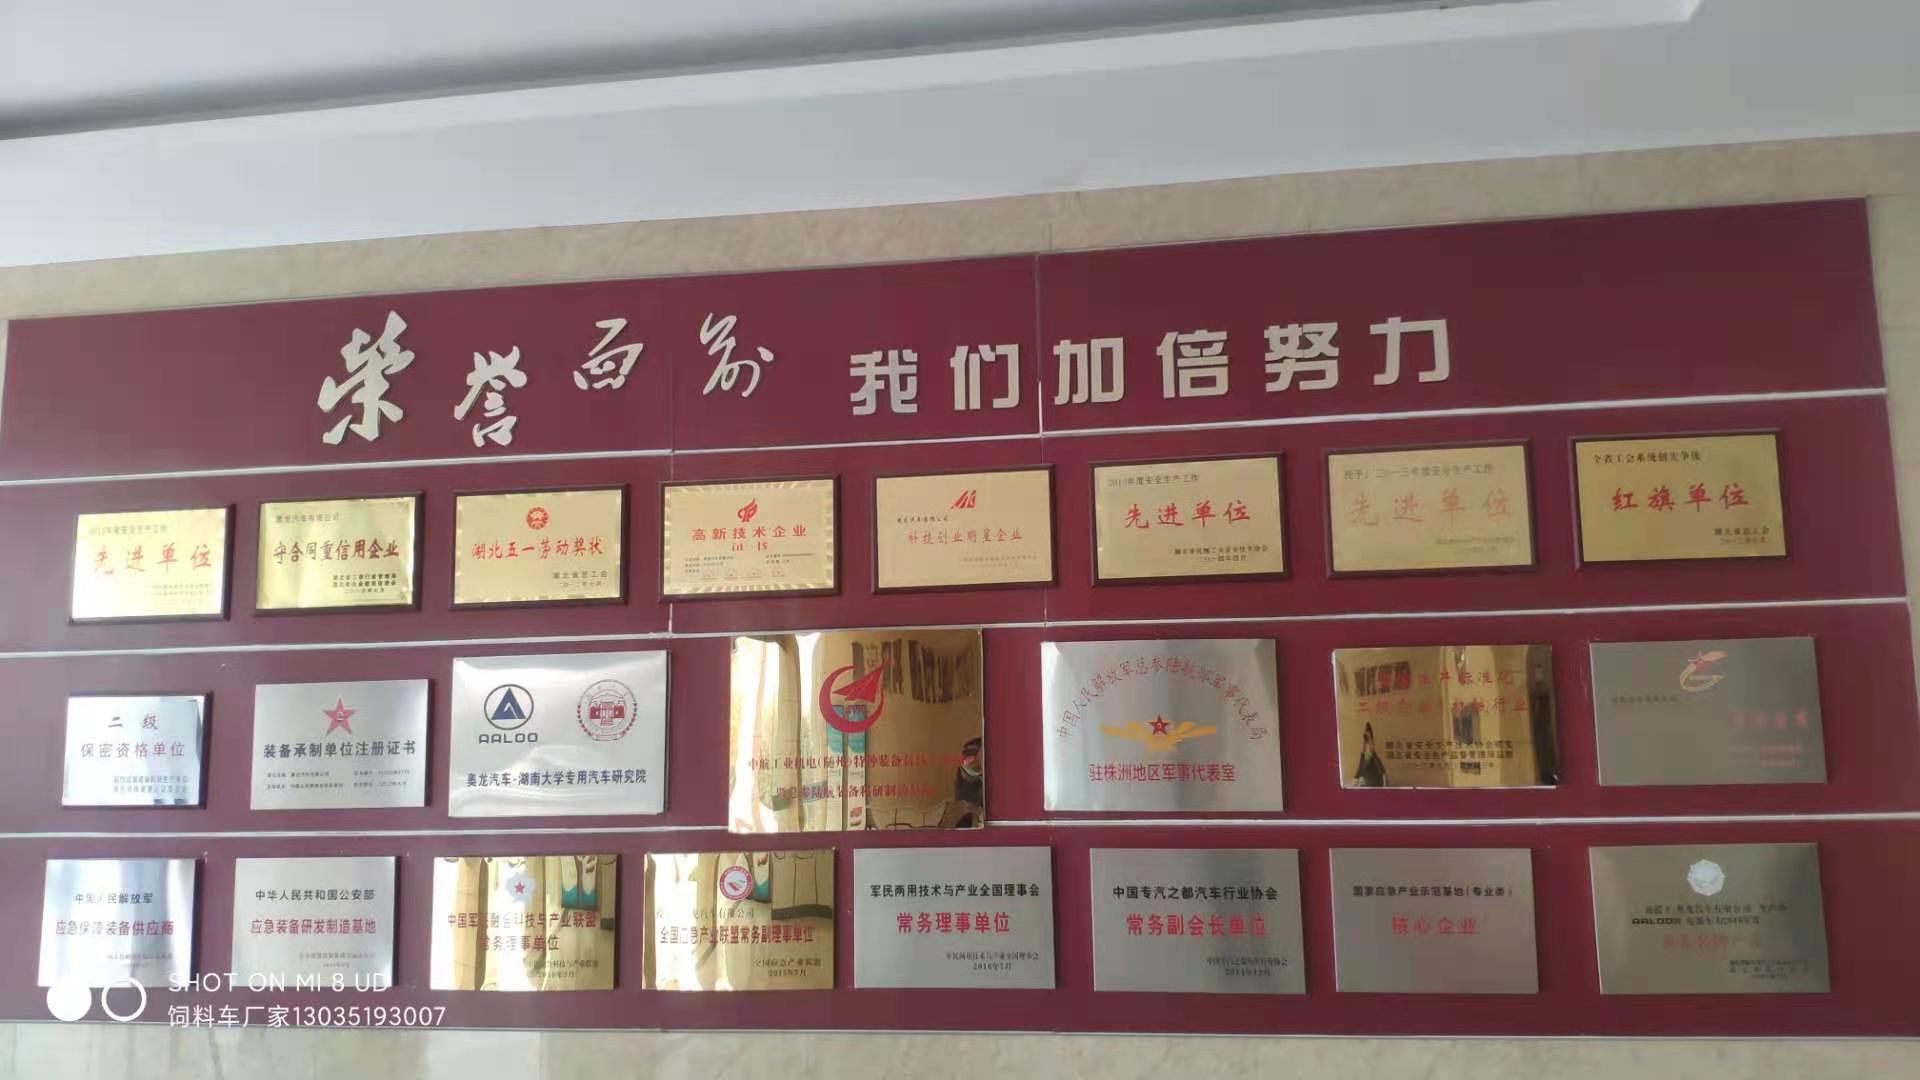 中航工业荣誉墙